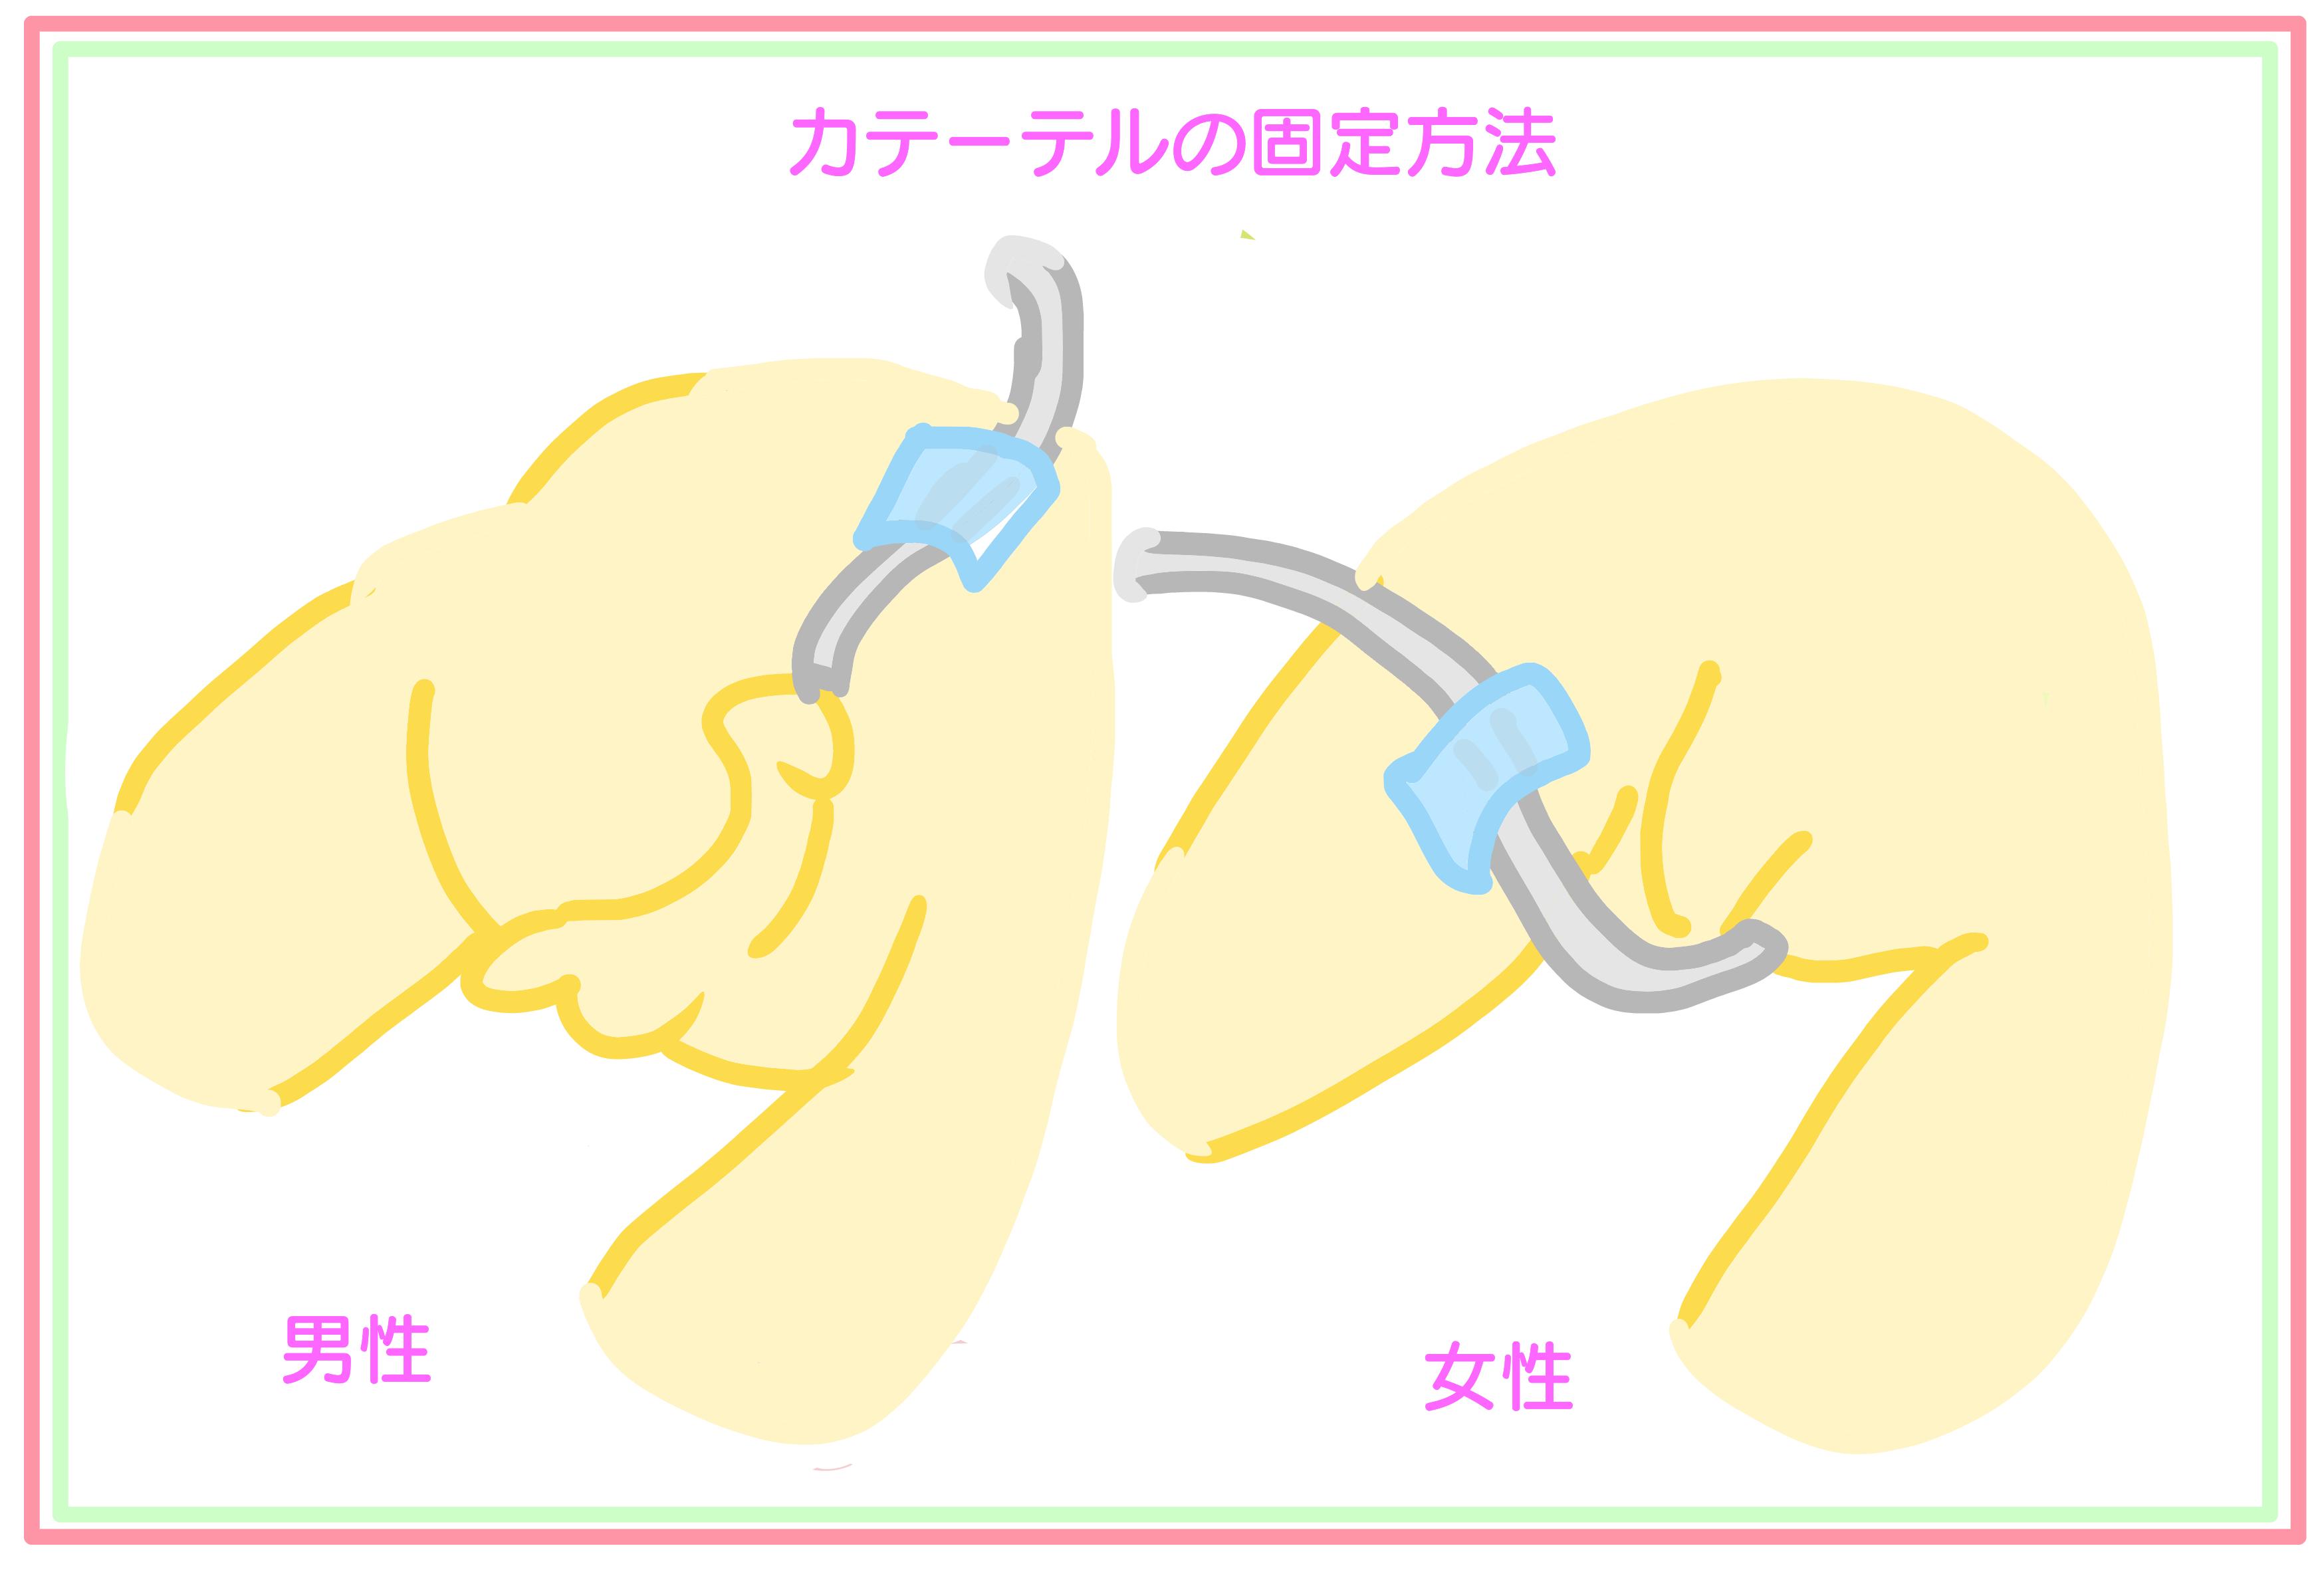 留置 カテーテル 膀胱 男性 用 製品